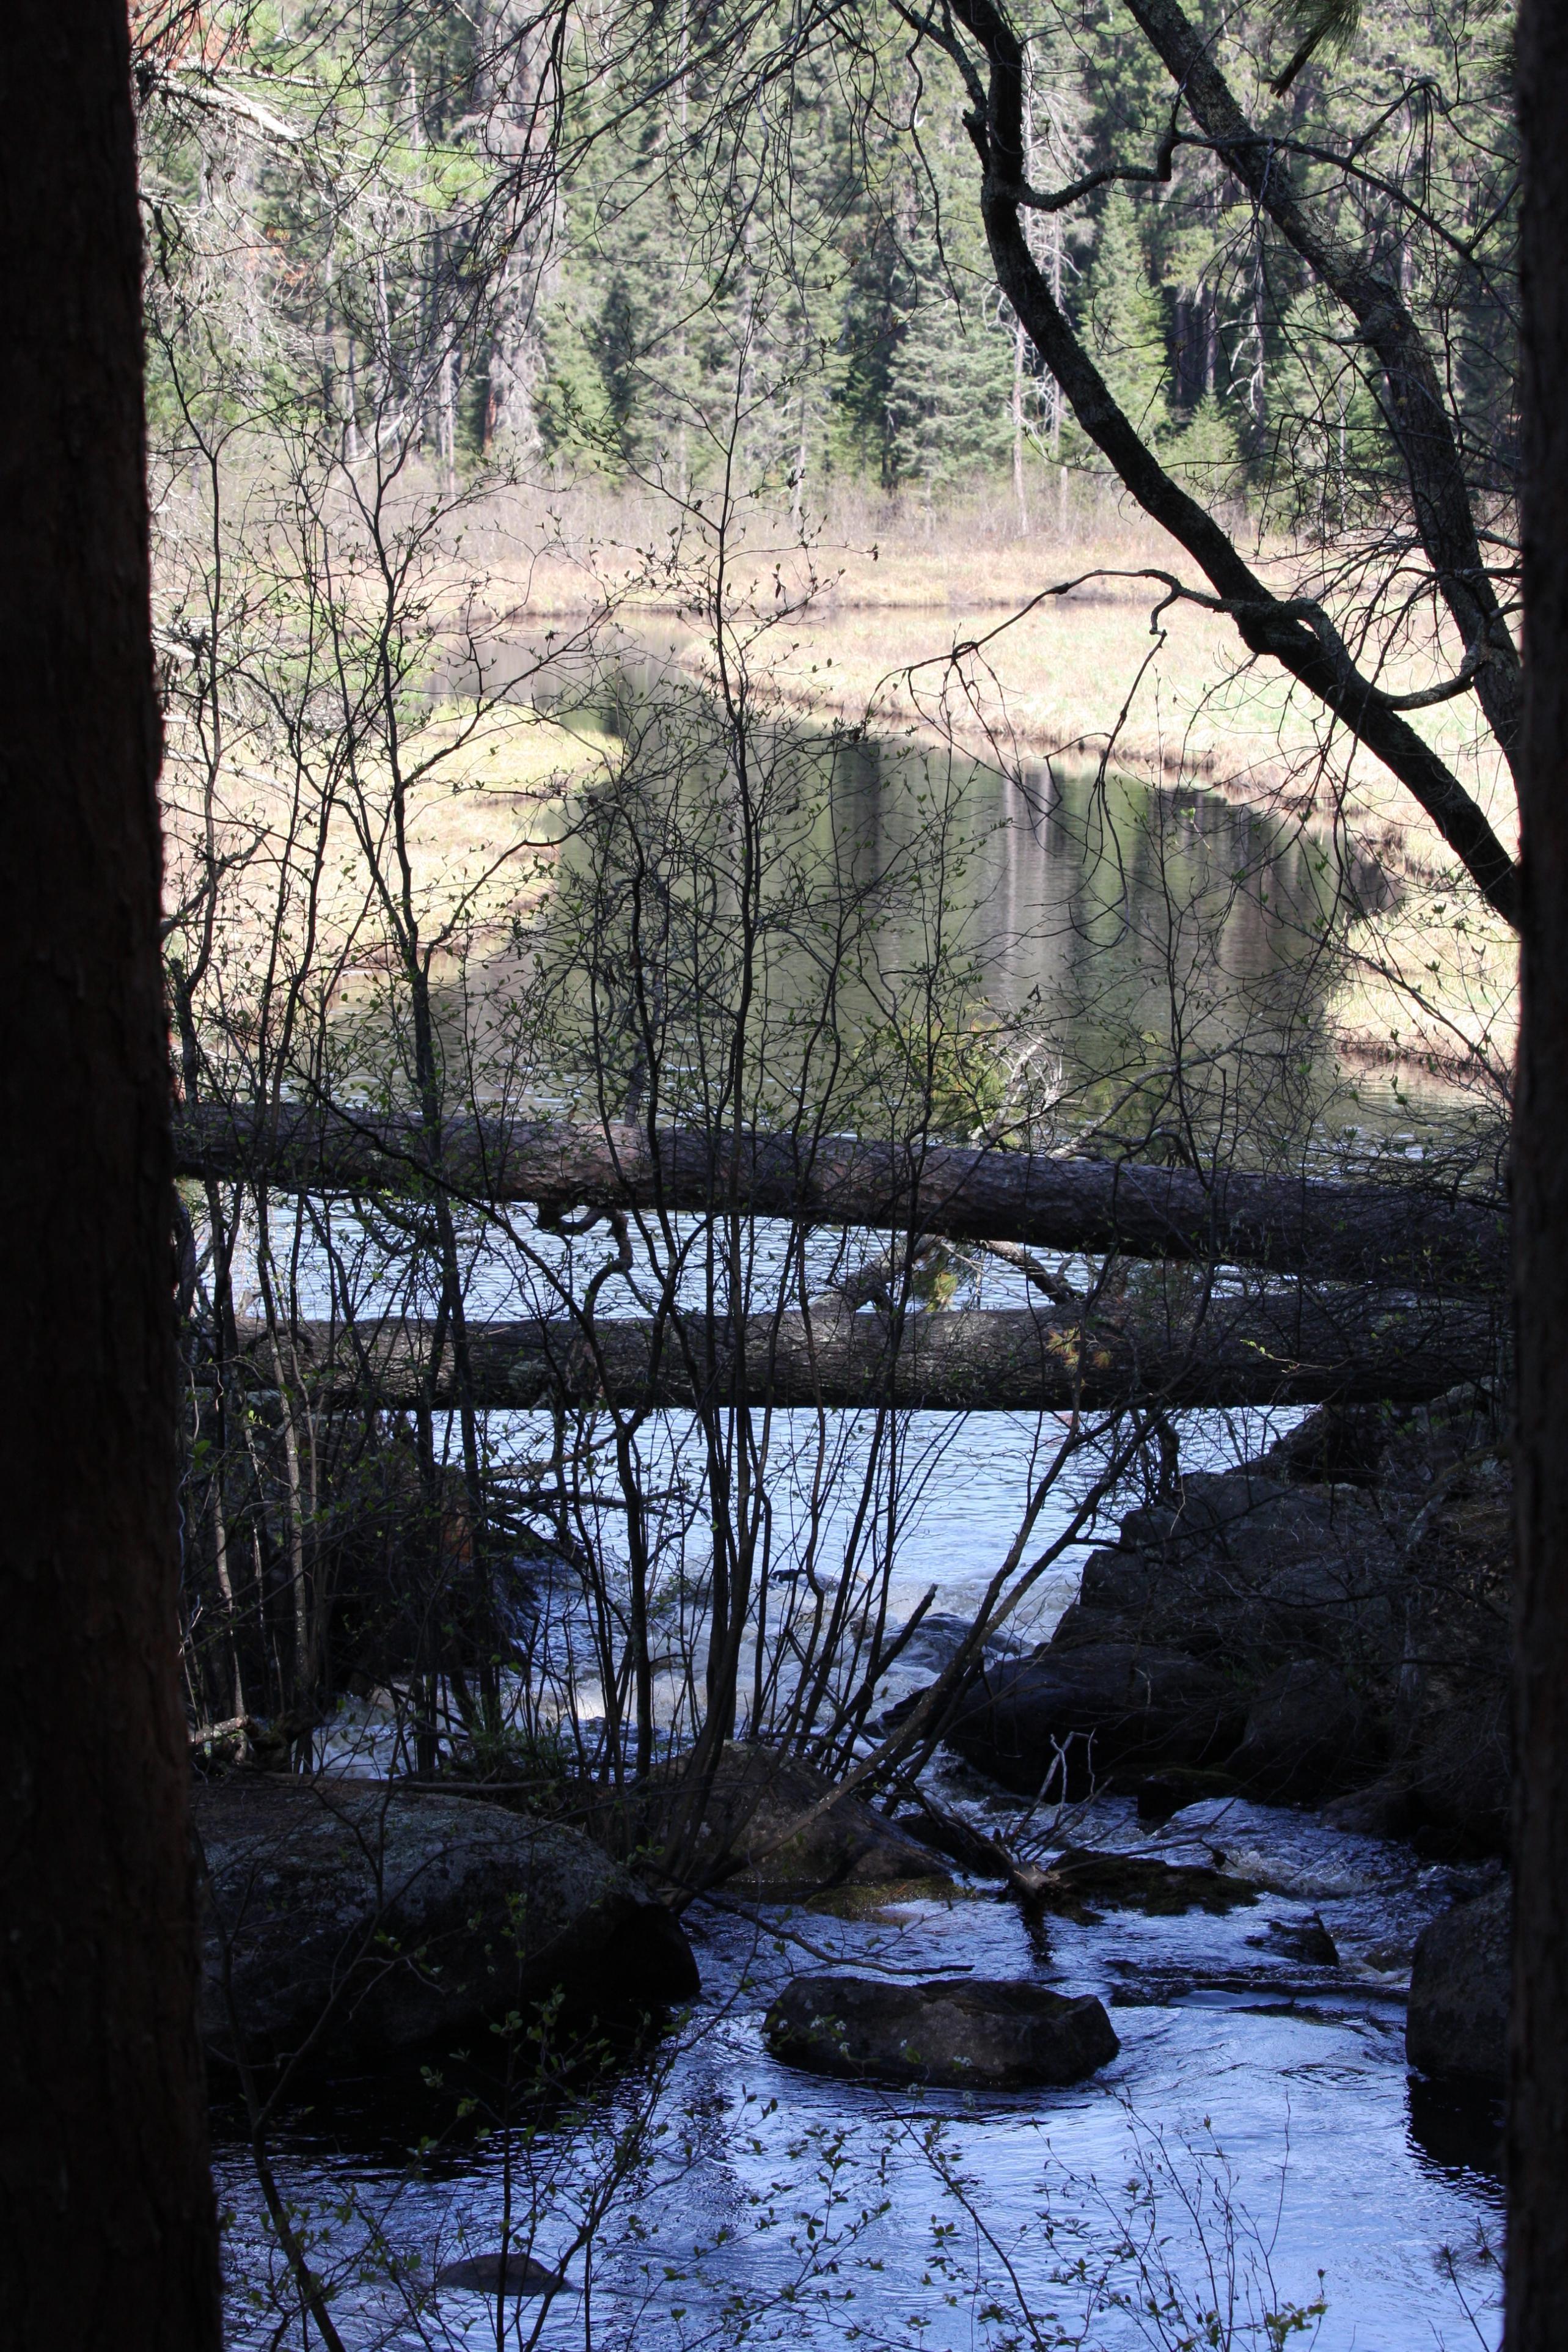 Dahlgren River